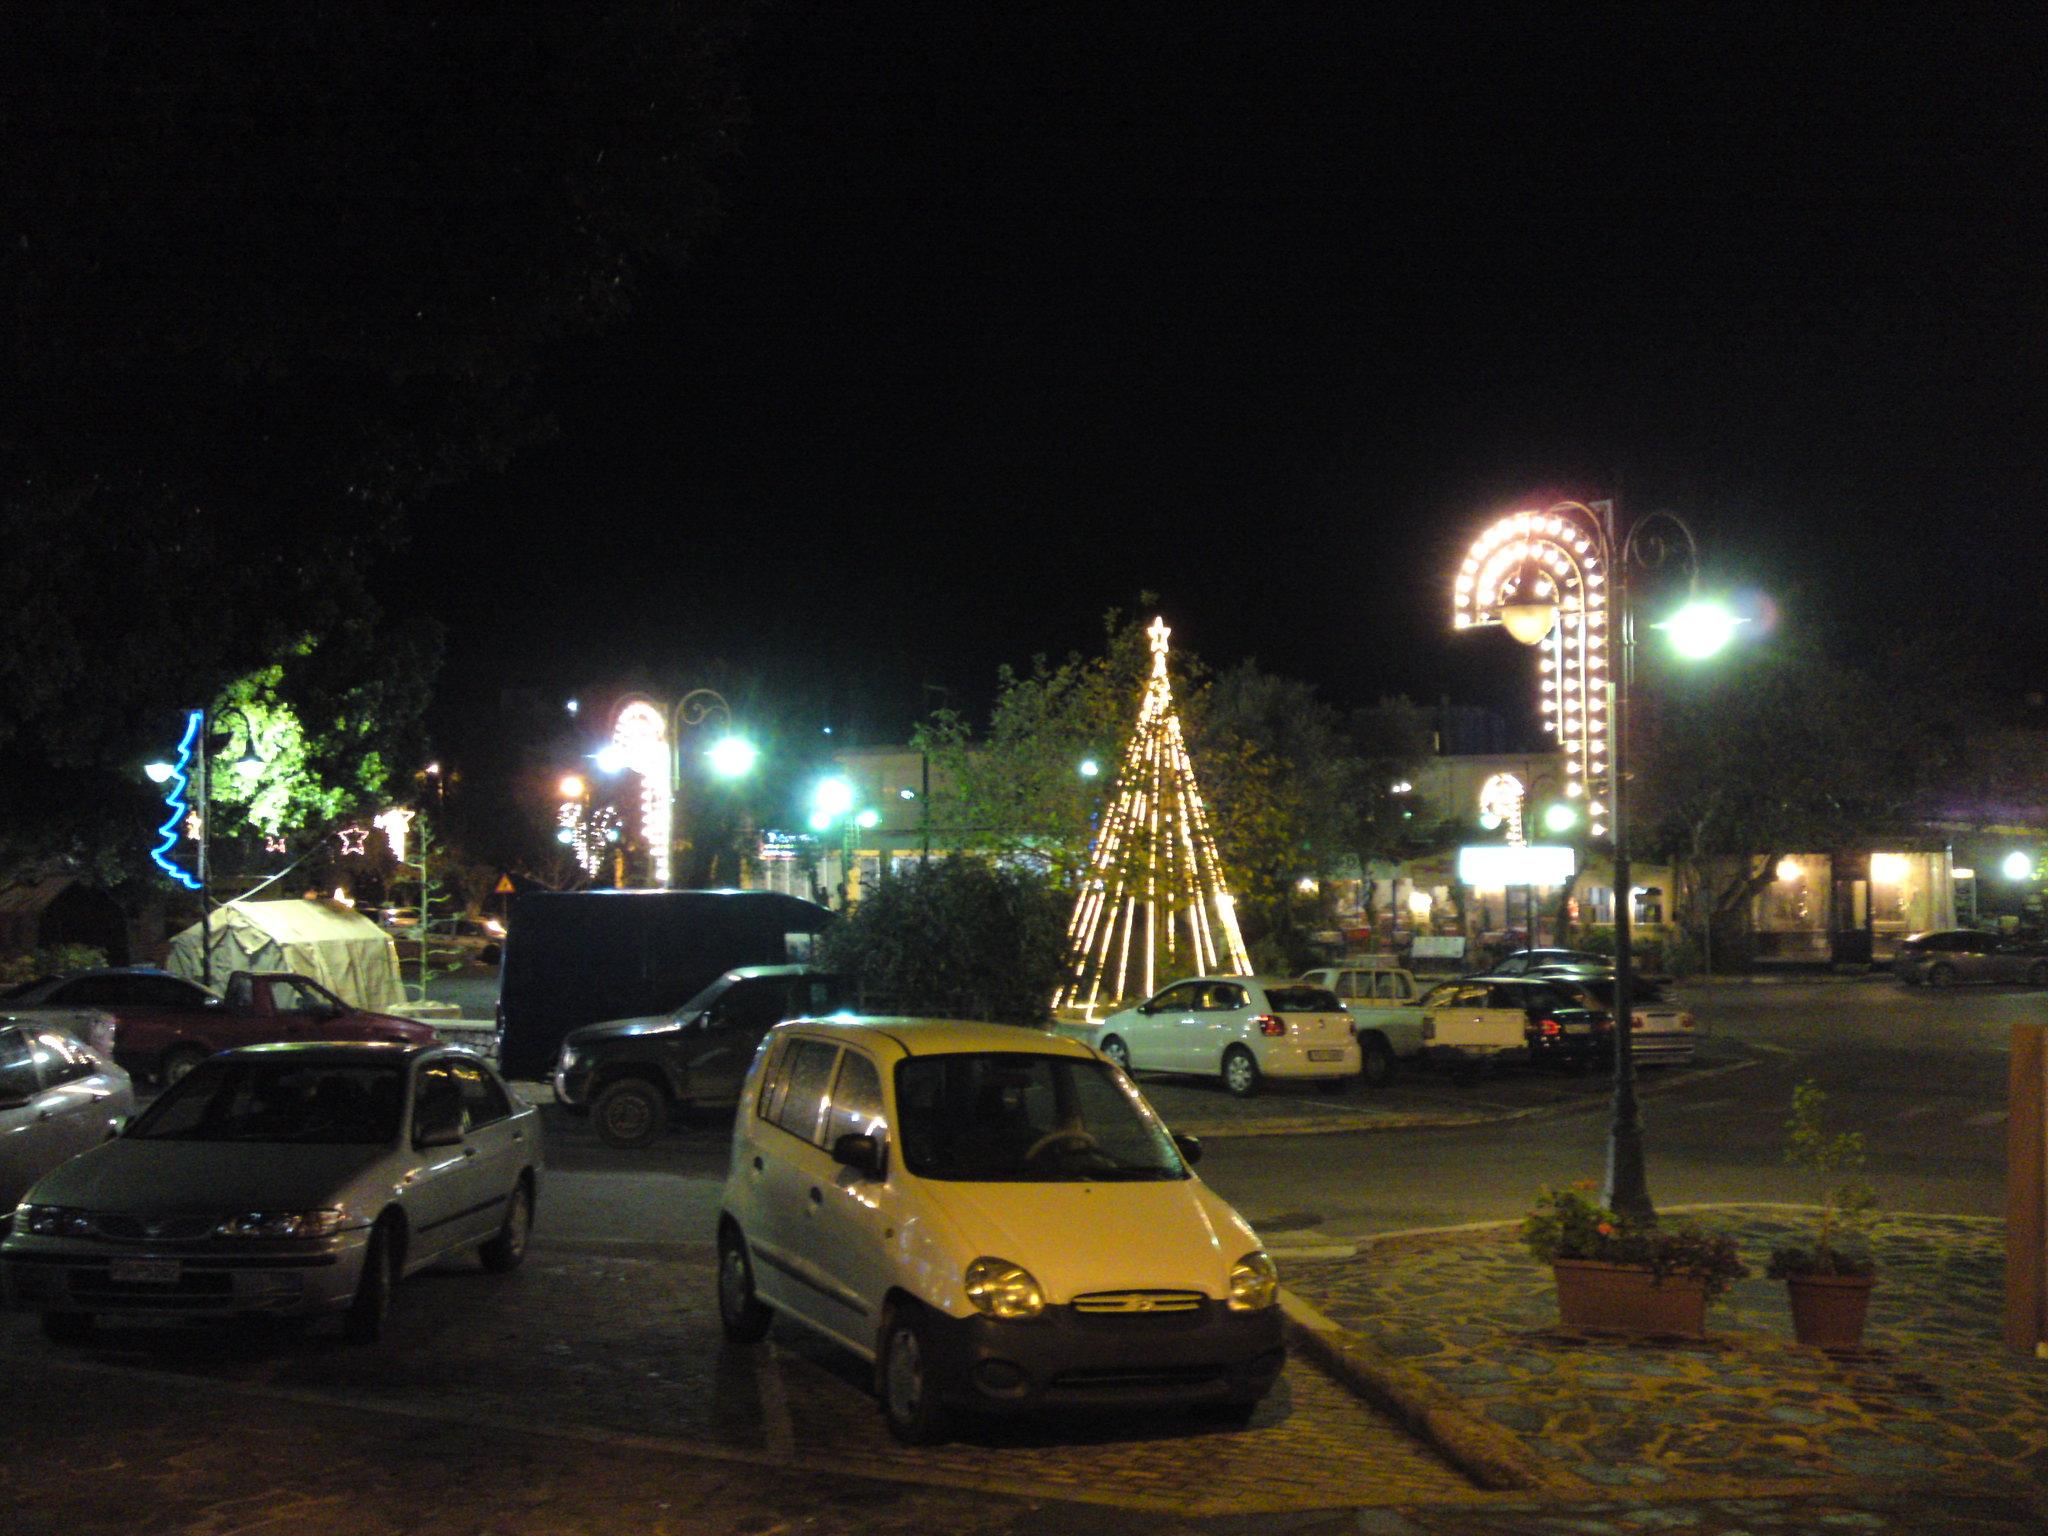 Χριστουγεννιάτικων στολισμών, συνέχεια.. Ψίνθος 2014